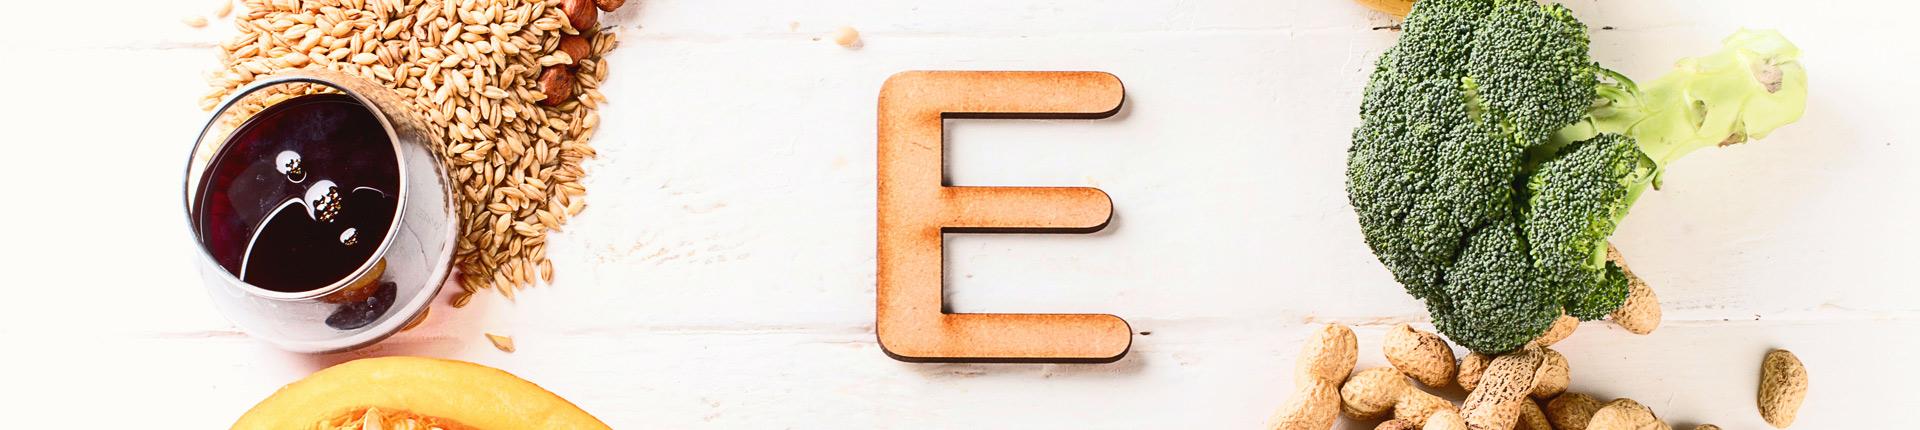 Witamina E - funkcje, zastosowanie i działanie